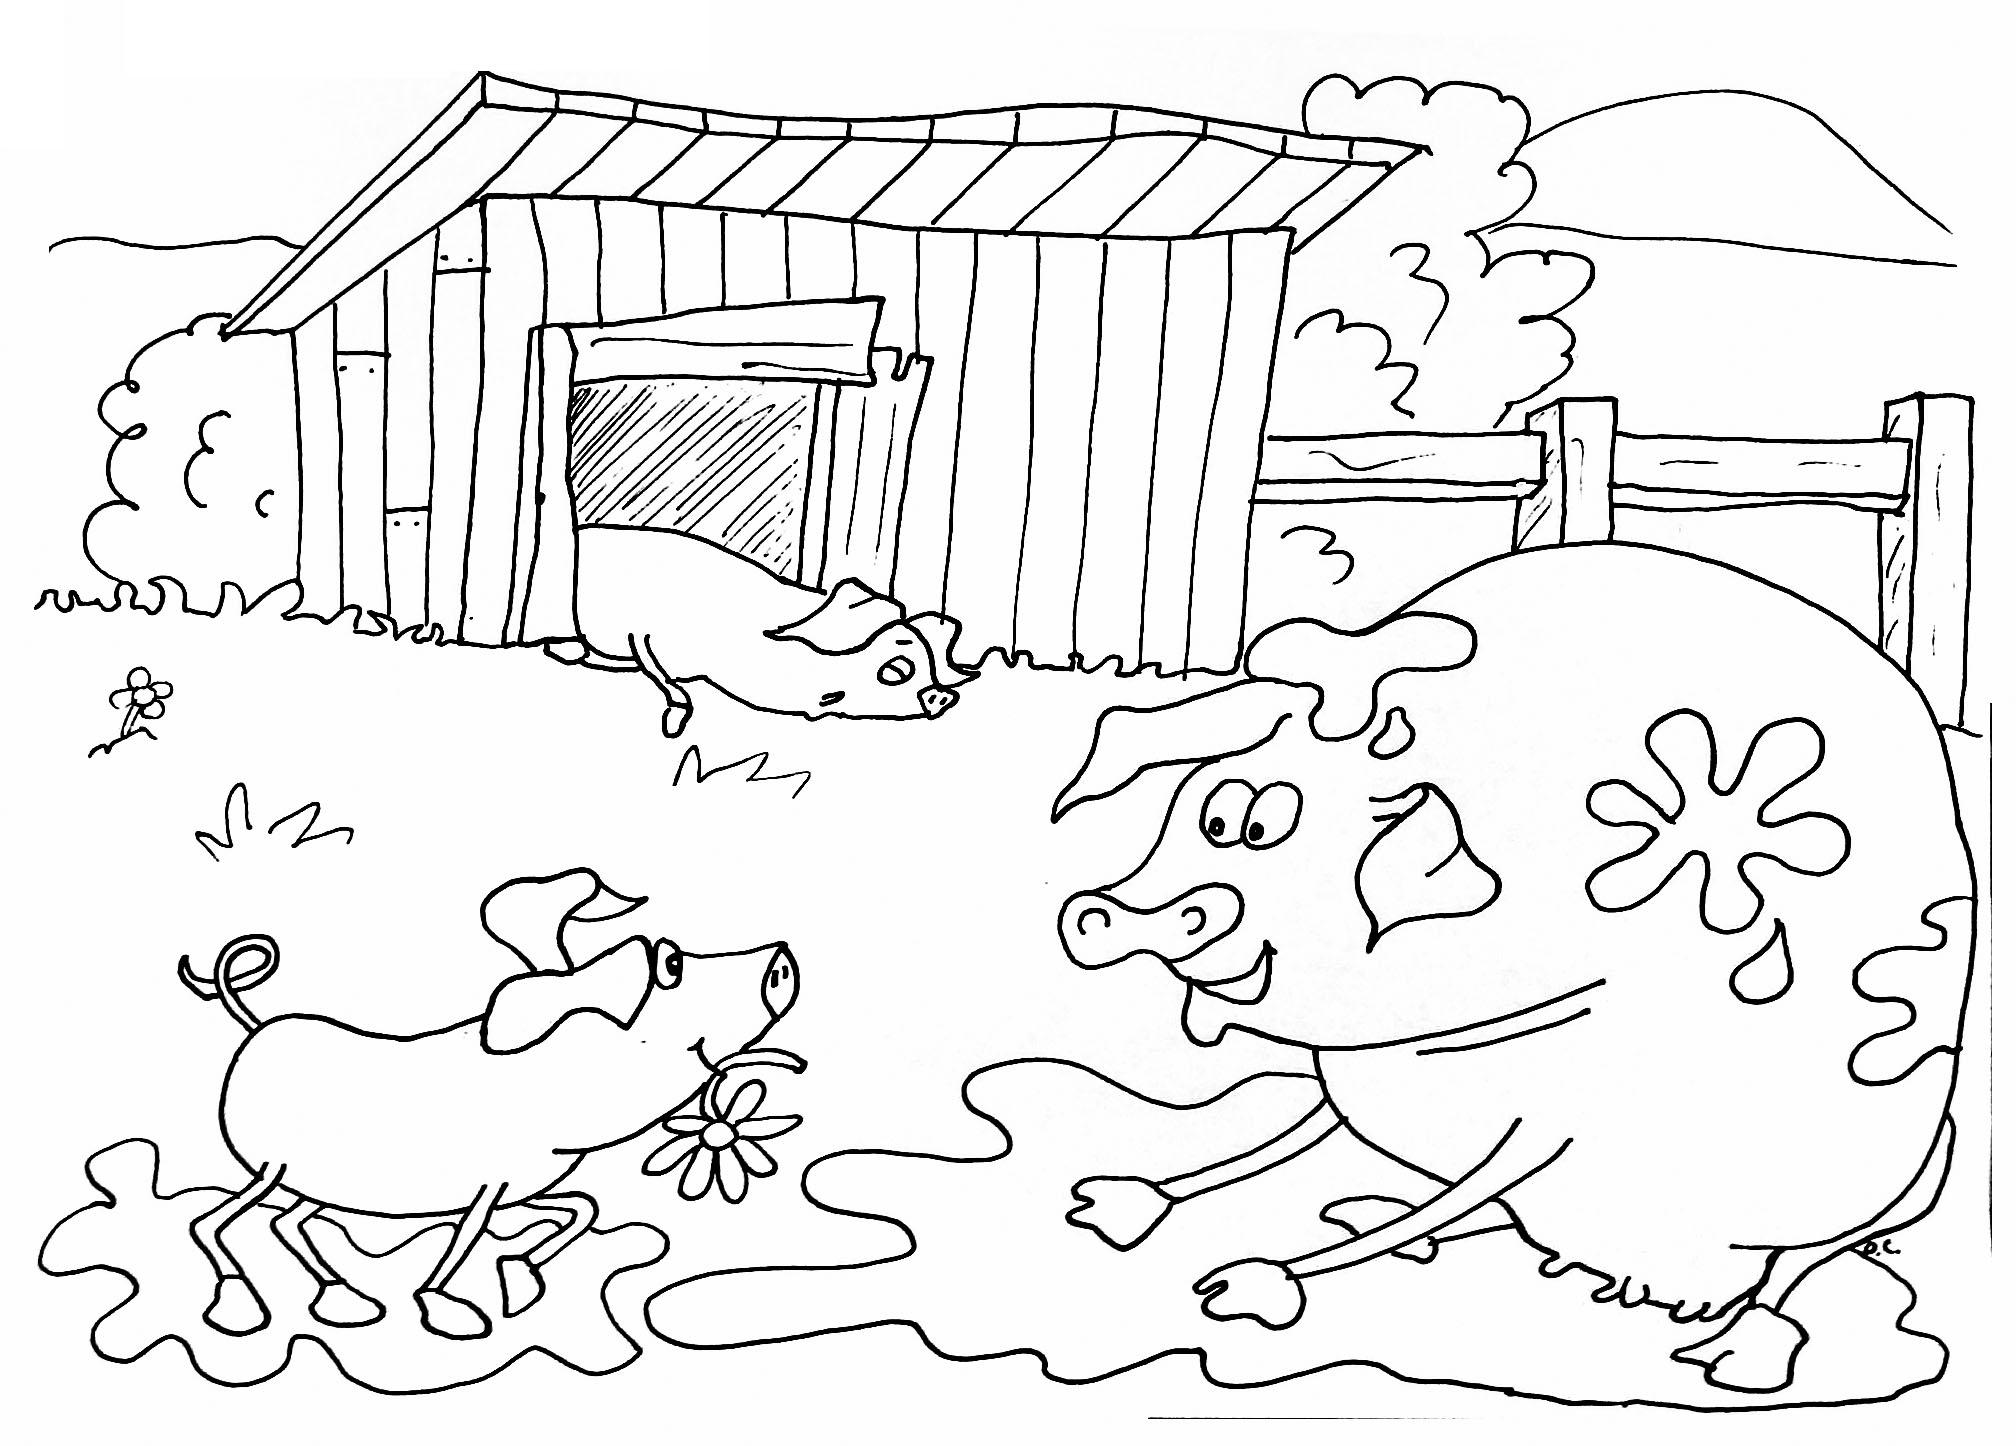 Ferme cochons coloriage sur la ferme tracteurs fermier animaux coloriages pour enfants - Dessin de ferme ...